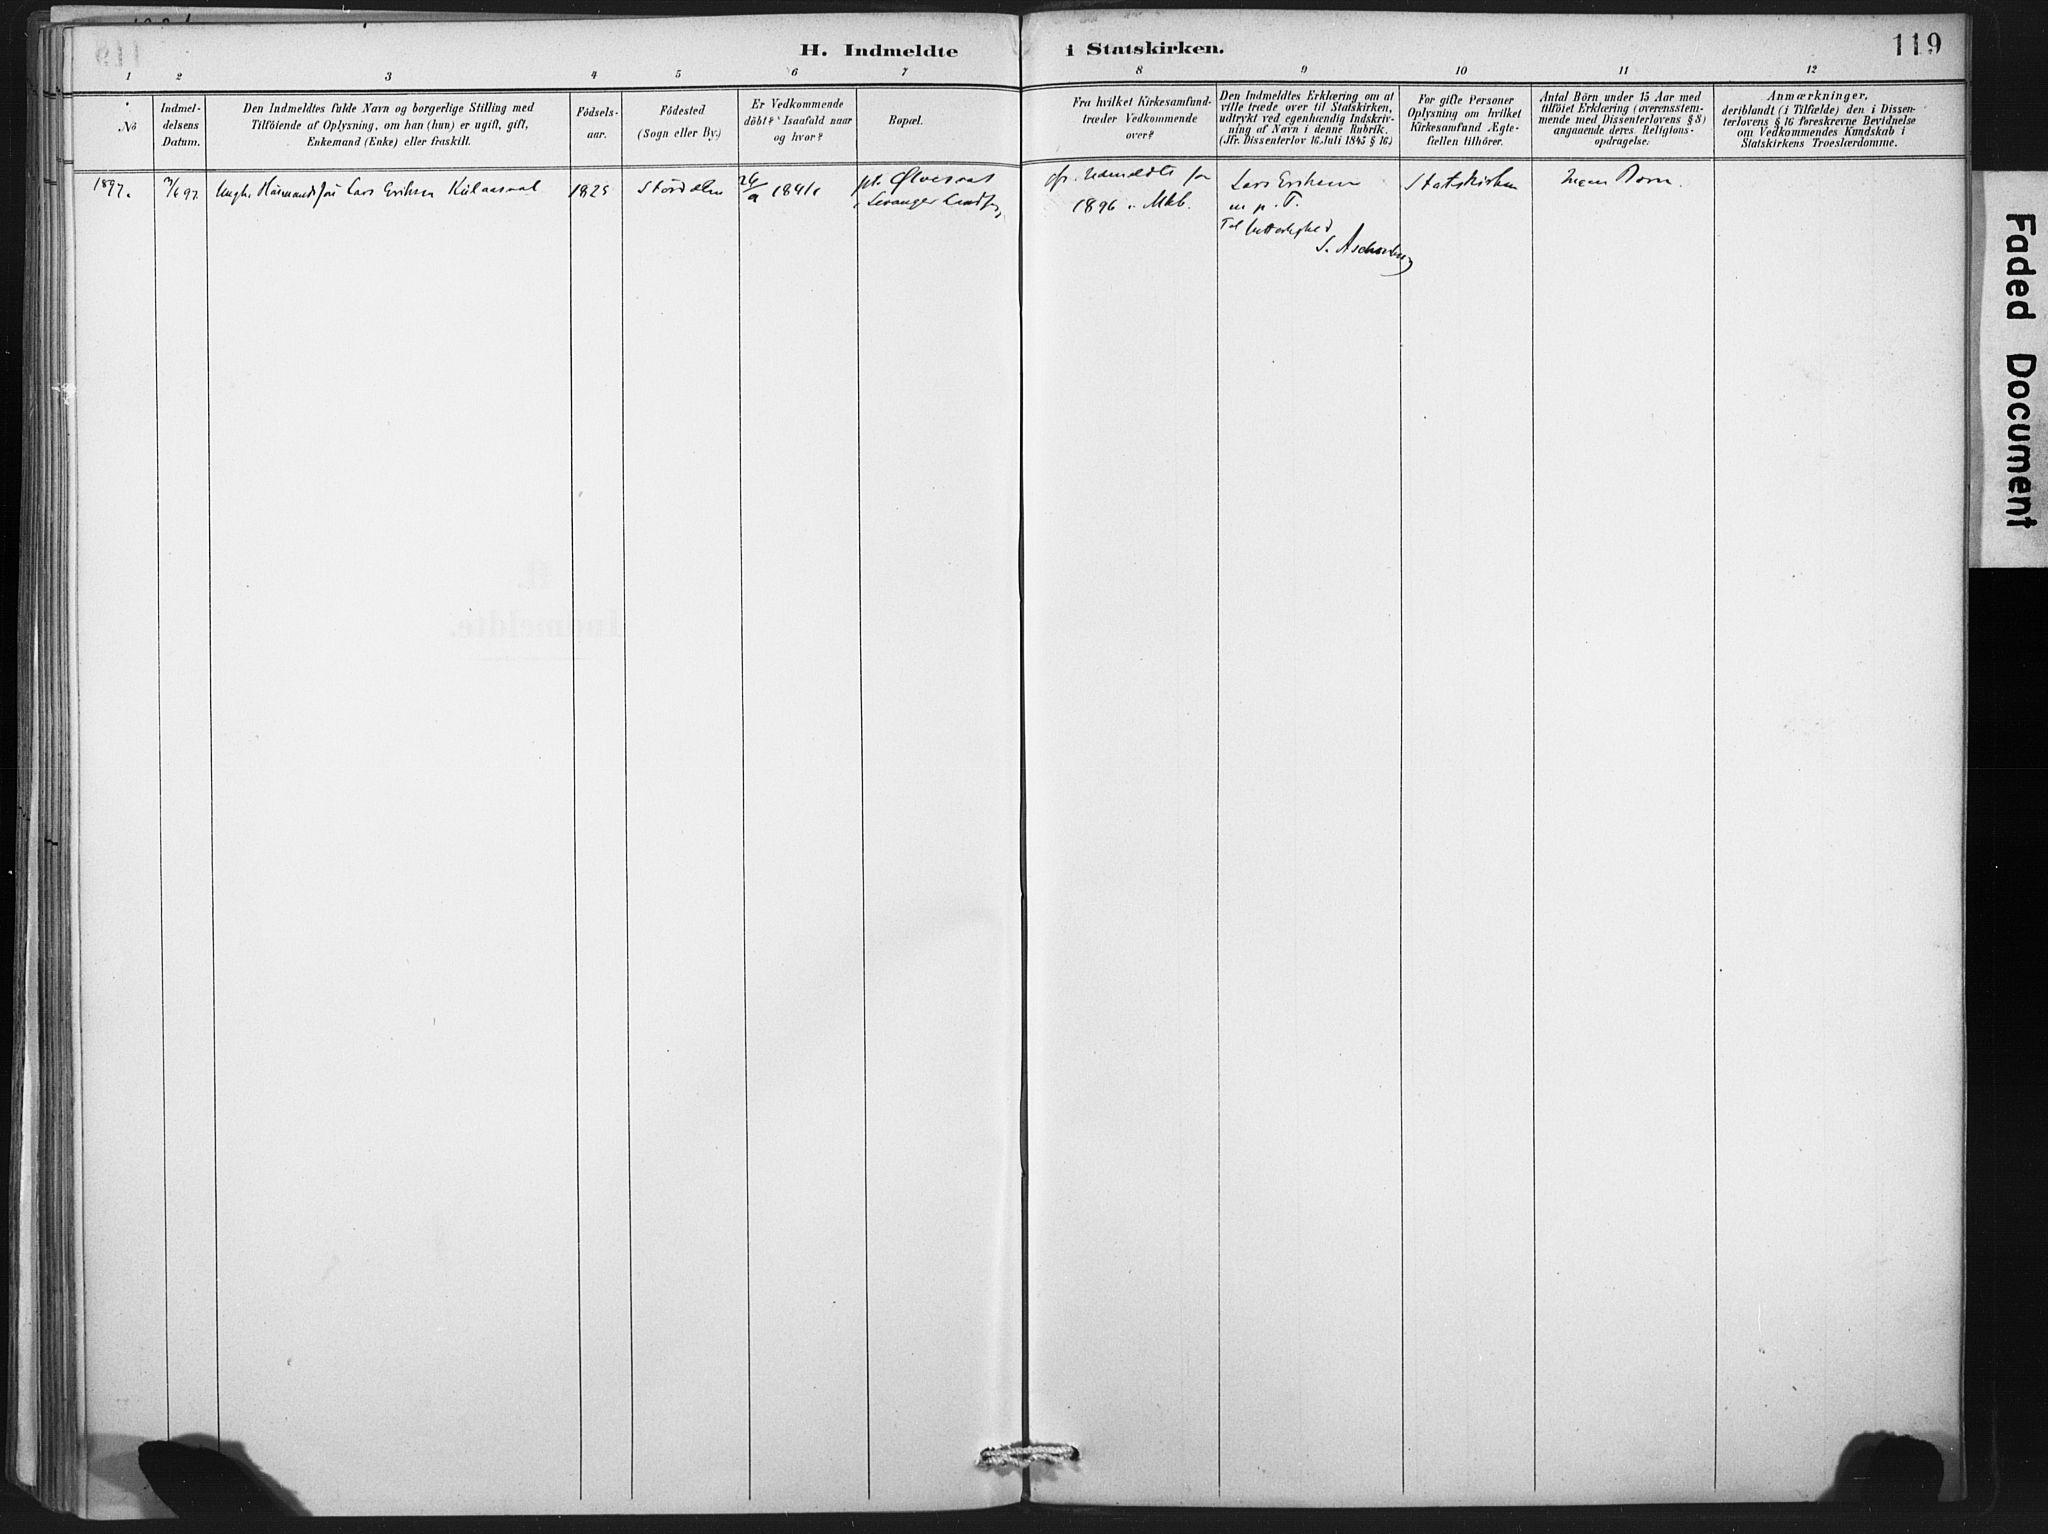 SAT, Ministerialprotokoller, klokkerbøker og fødselsregistre - Nord-Trøndelag, 718/L0175: Ministerialbok nr. 718A01, 1890-1923, s. 119